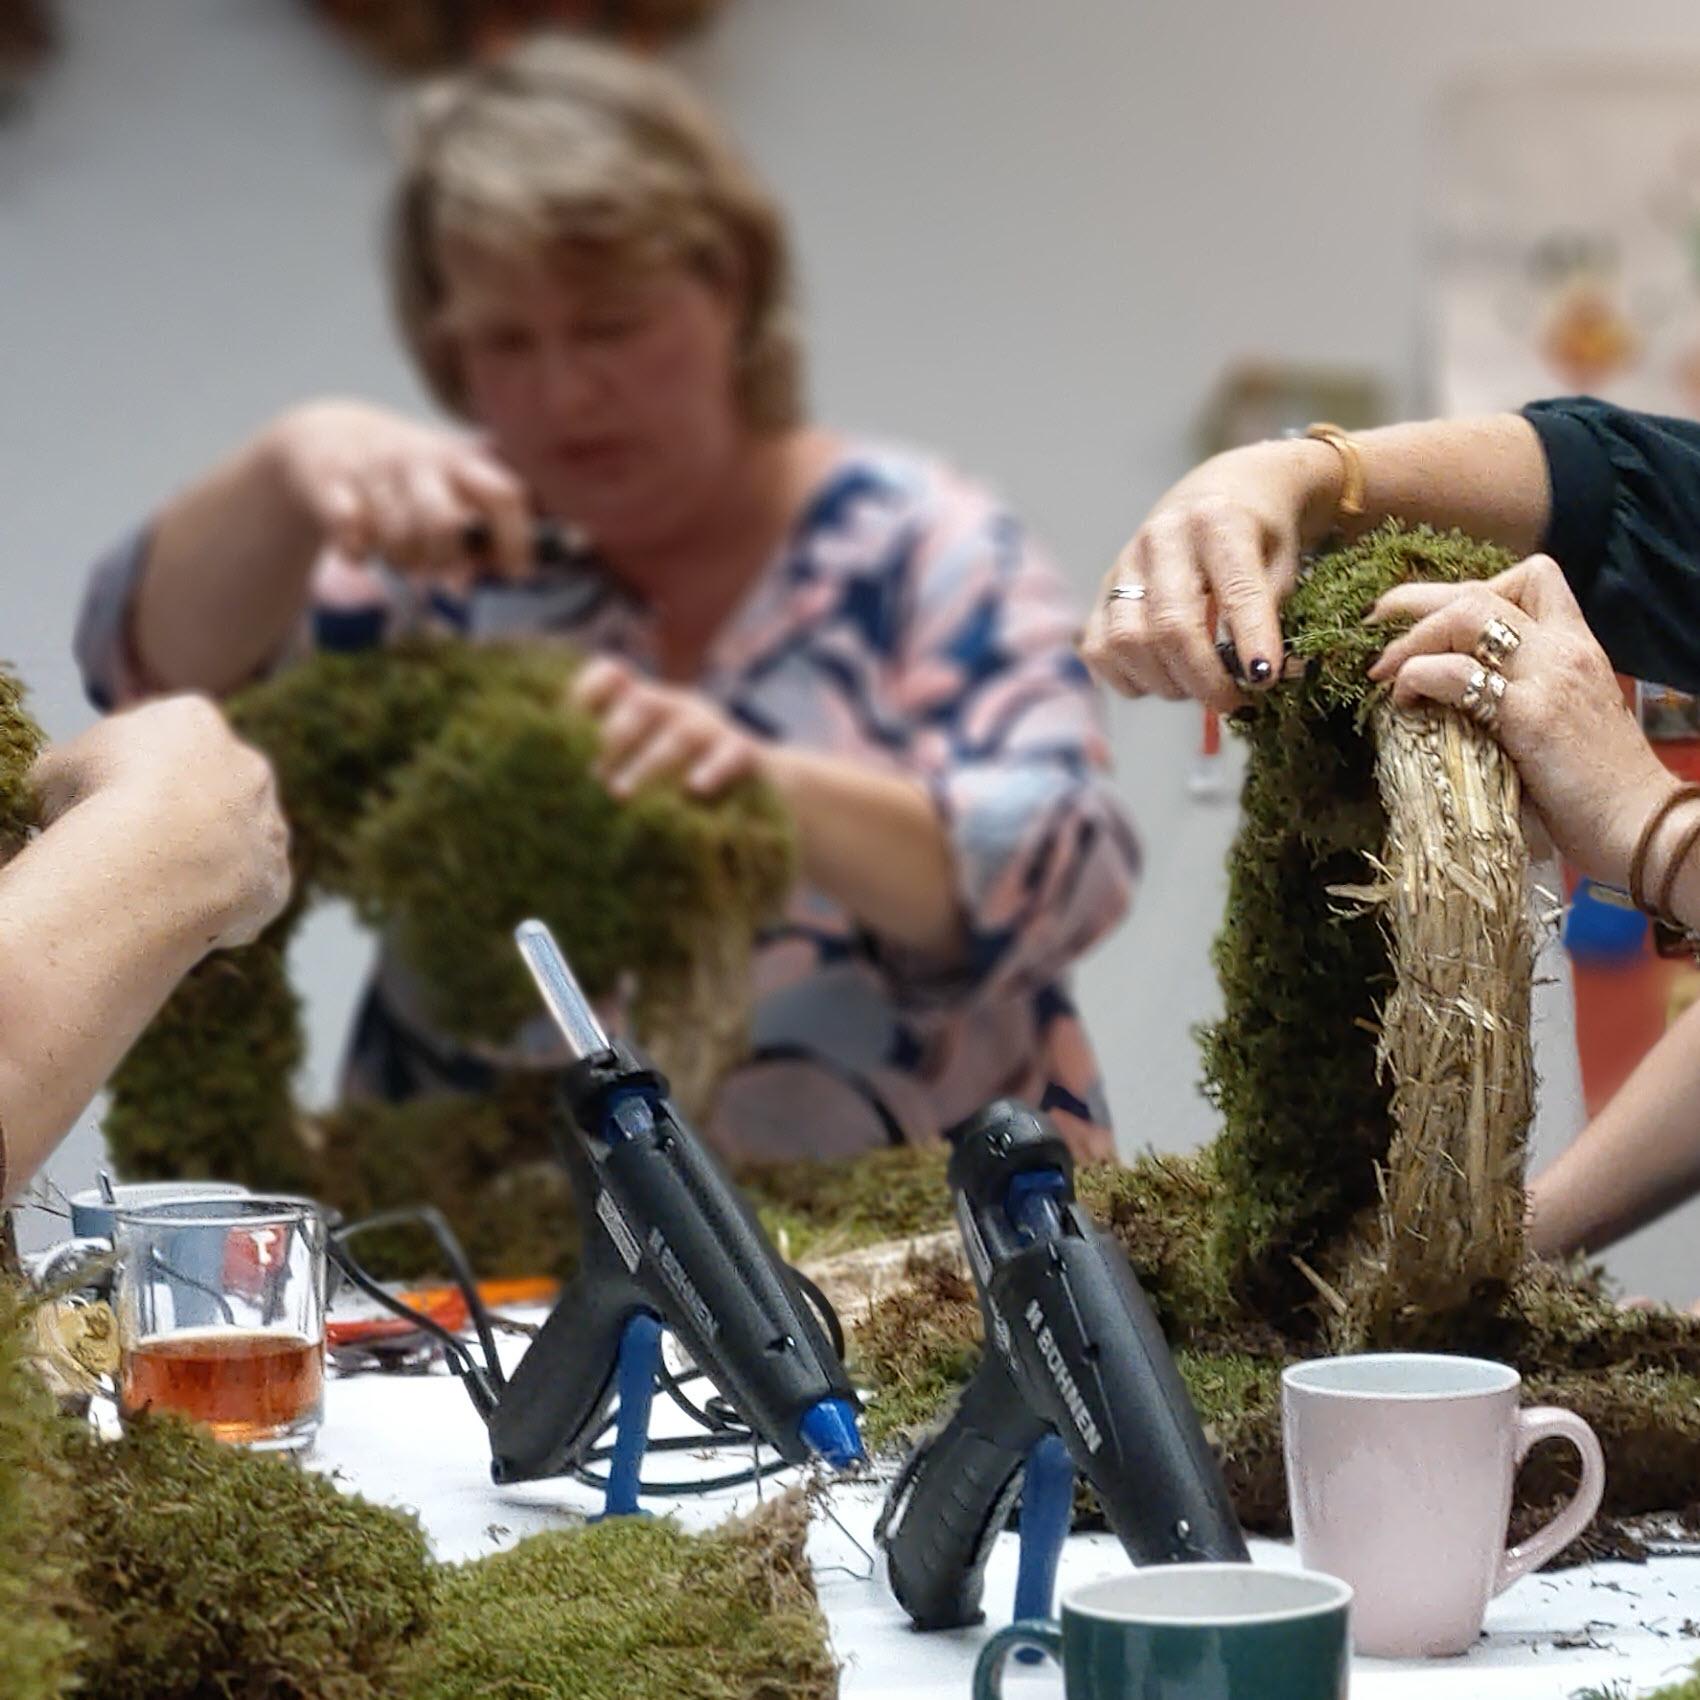 Bloemsierkunst Groeneveld Haren Groningen workshop kerst